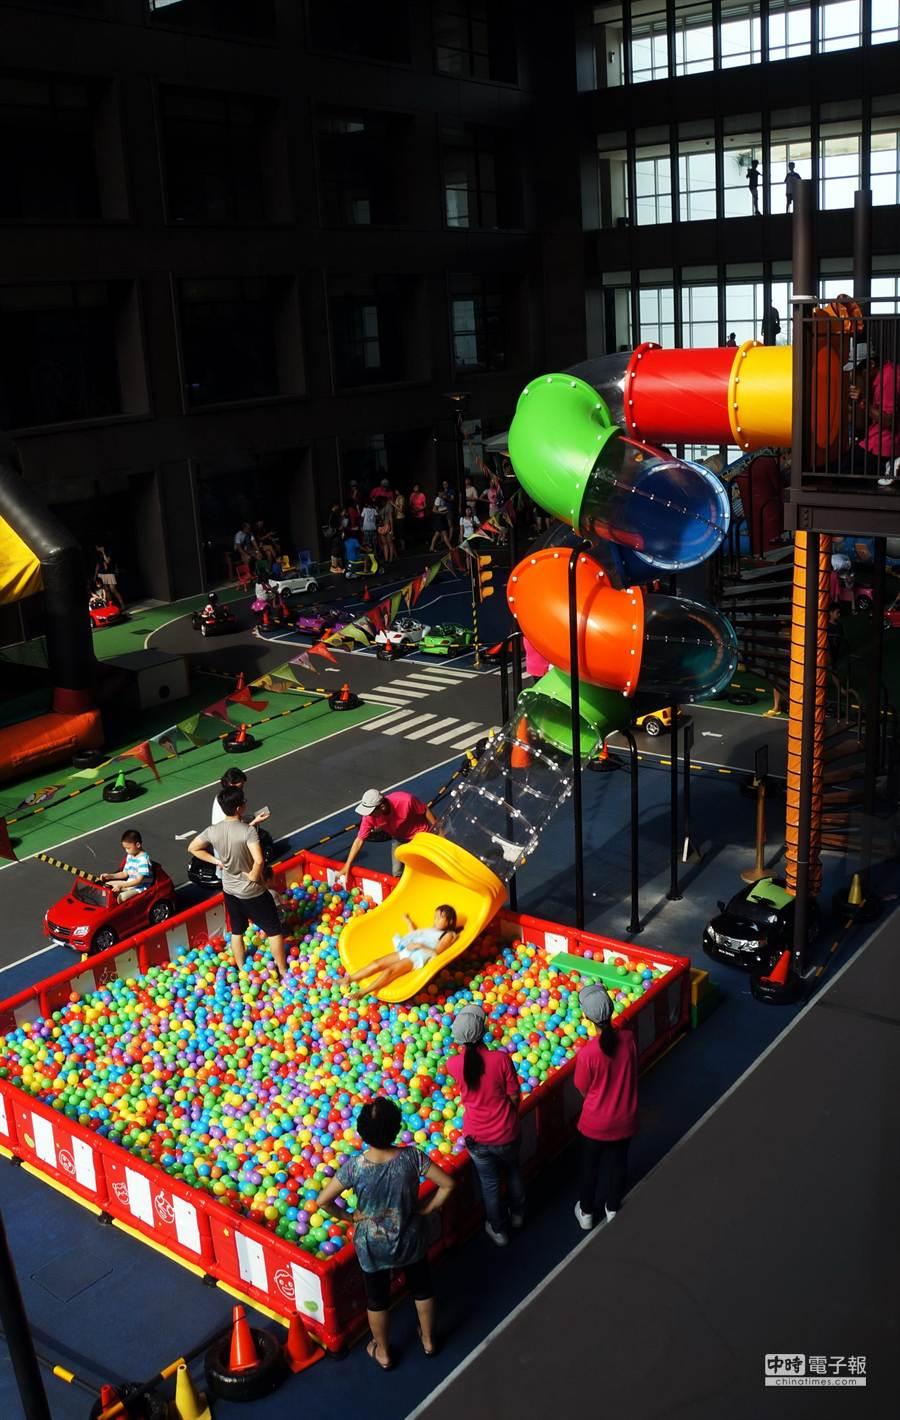 蘭城晶英酒店新設的〈芬朵奇彩虹溜滑梯〉,足足有一層樓高,小朋友可從上滑下直接溜進球池中。(圖/姚舜攝)